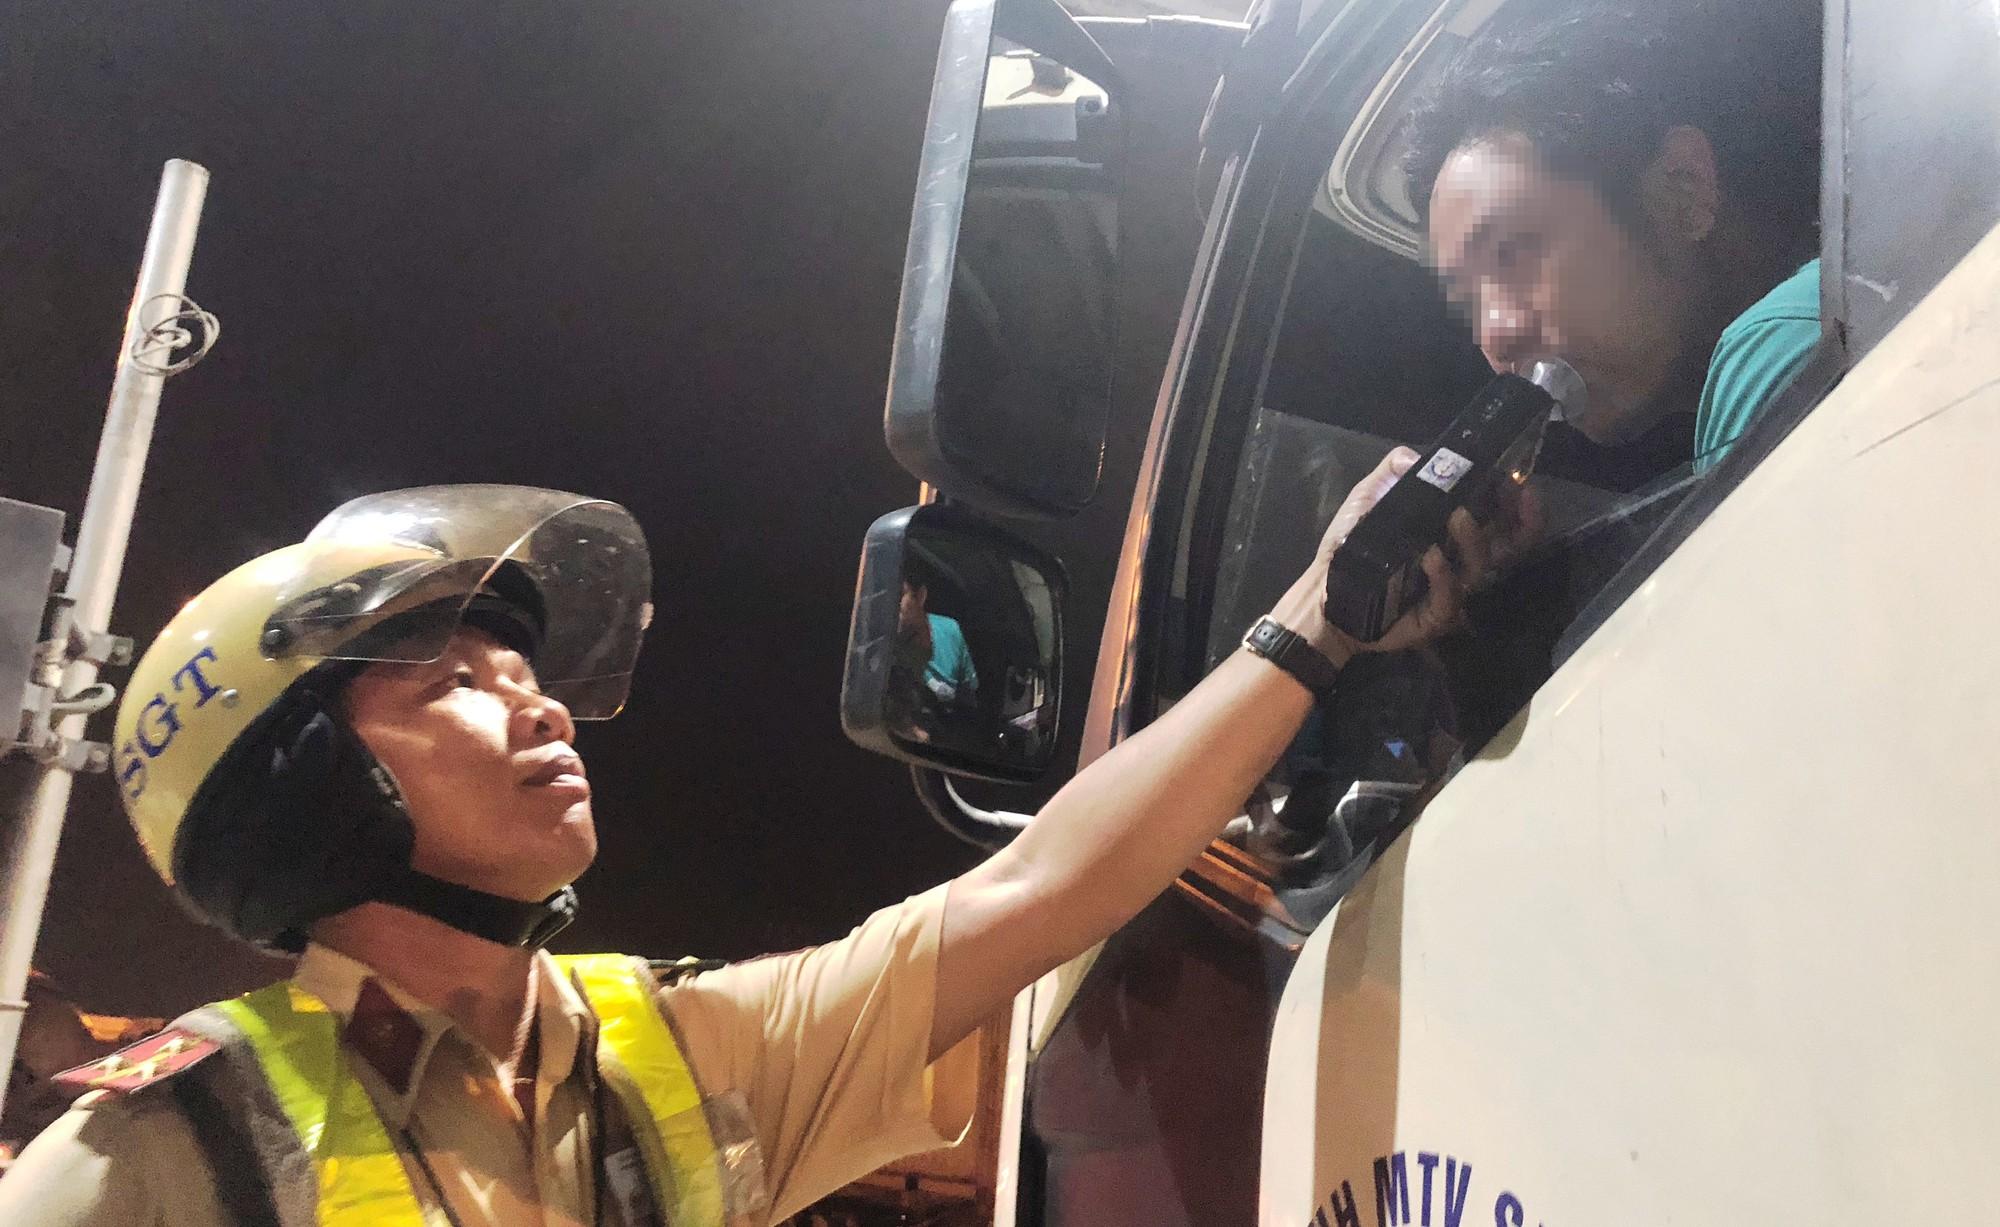 Tổng kiểm tra nồng độ cồn, chất kích thích đối với người điều khiển phương tiện